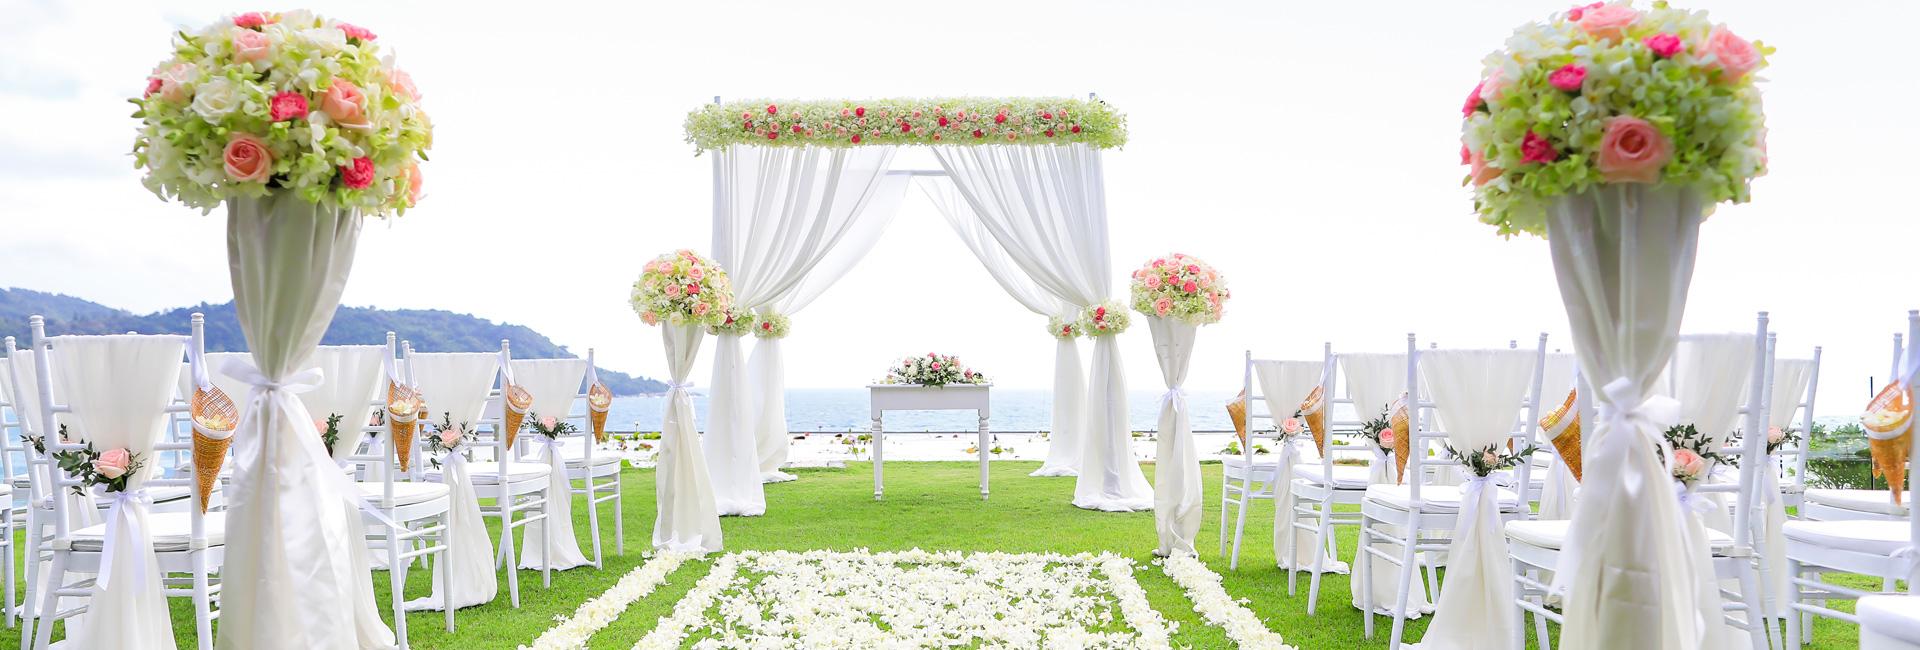 Weddings vdf rn